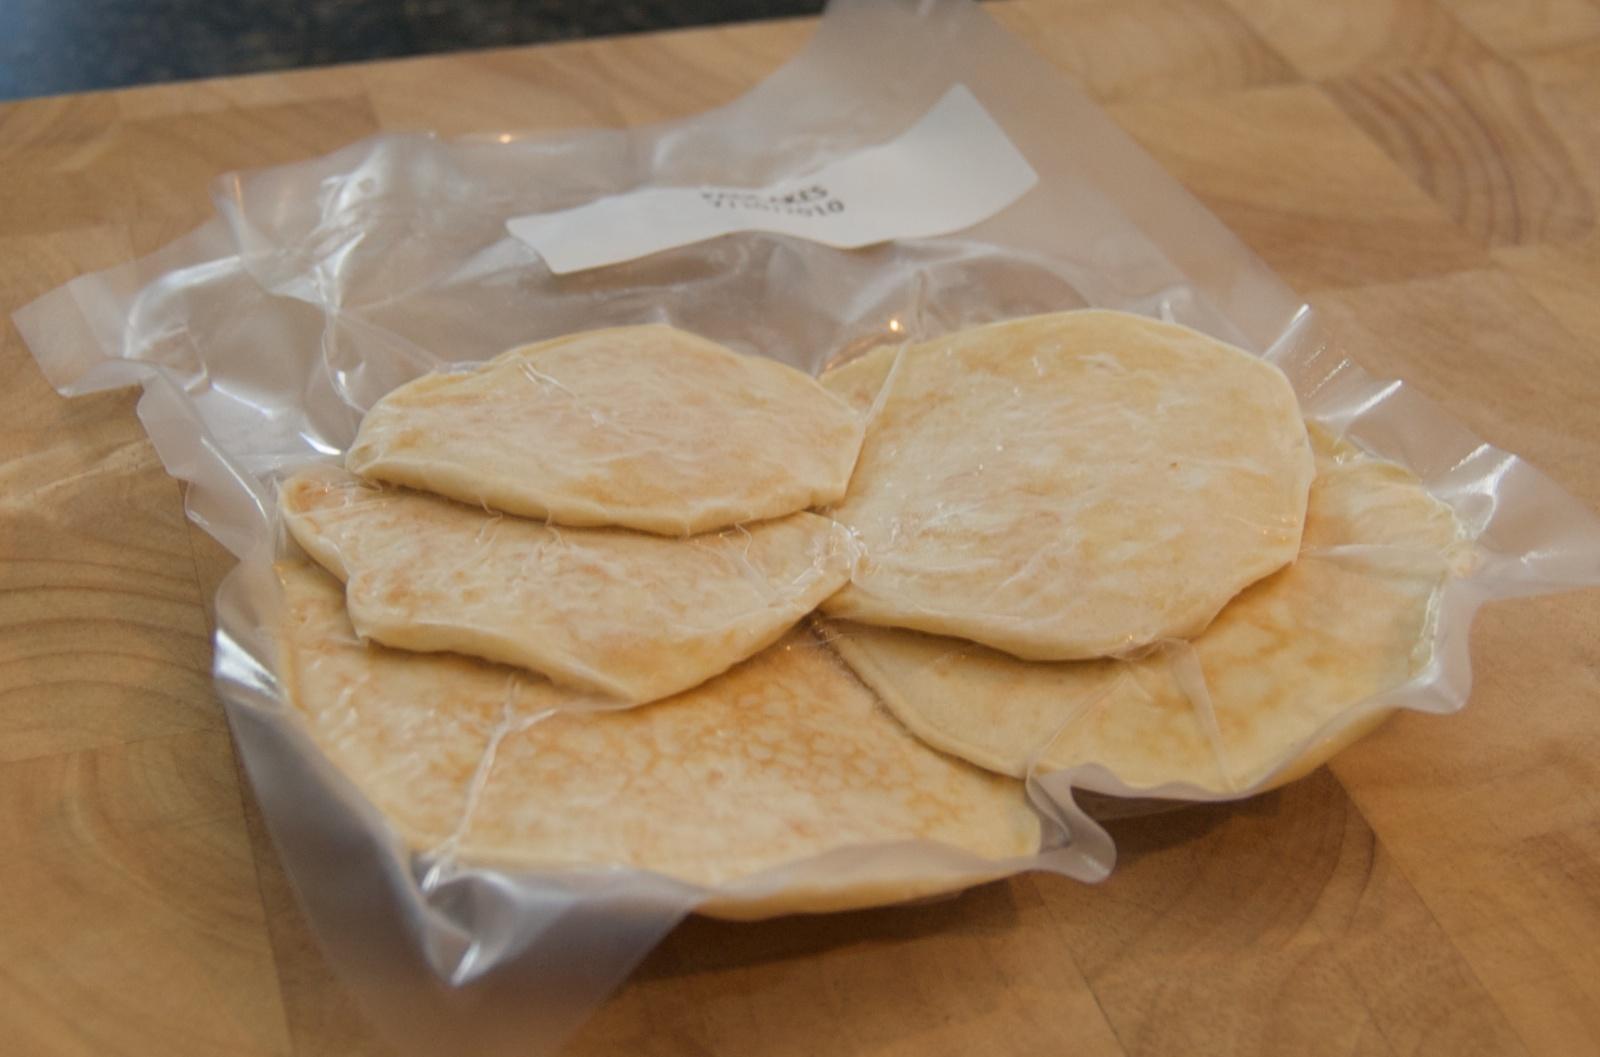 http://blog.rickk.com/food/2010/07/29/pancakes2.jpg